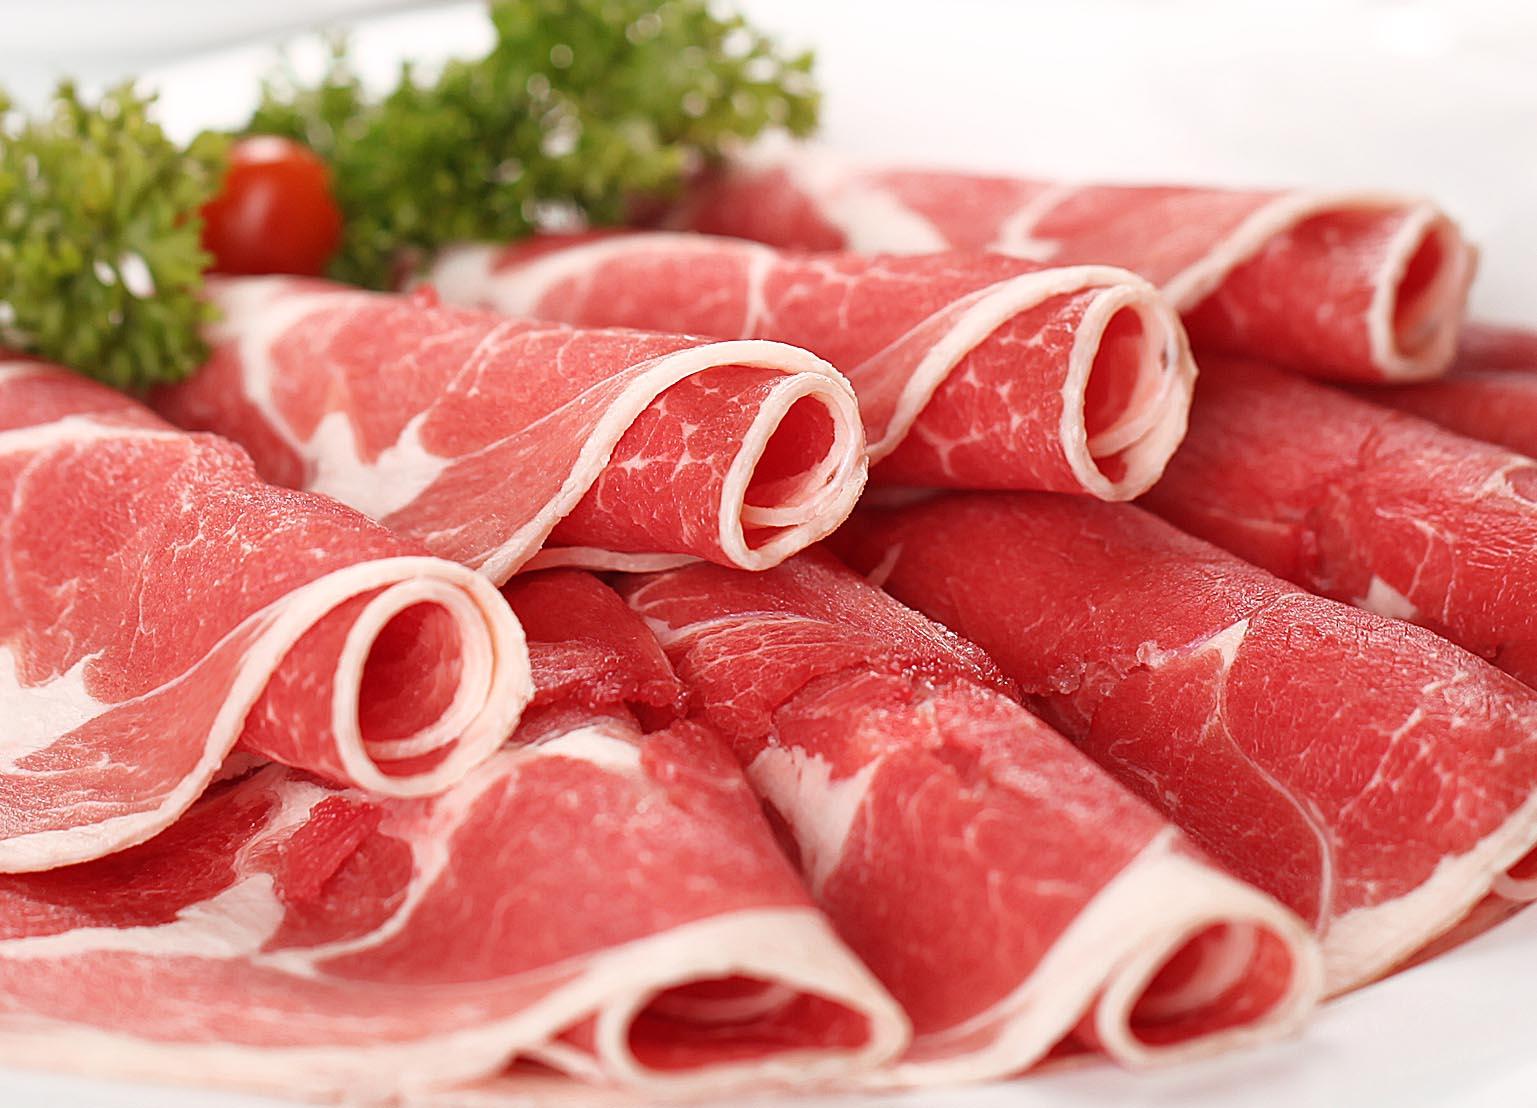 """Thịt bò mỹ nhà cung cấp thịt bò: """"Mẹo"""" chọn thịt bò ngon cho các bà nội trợ"""